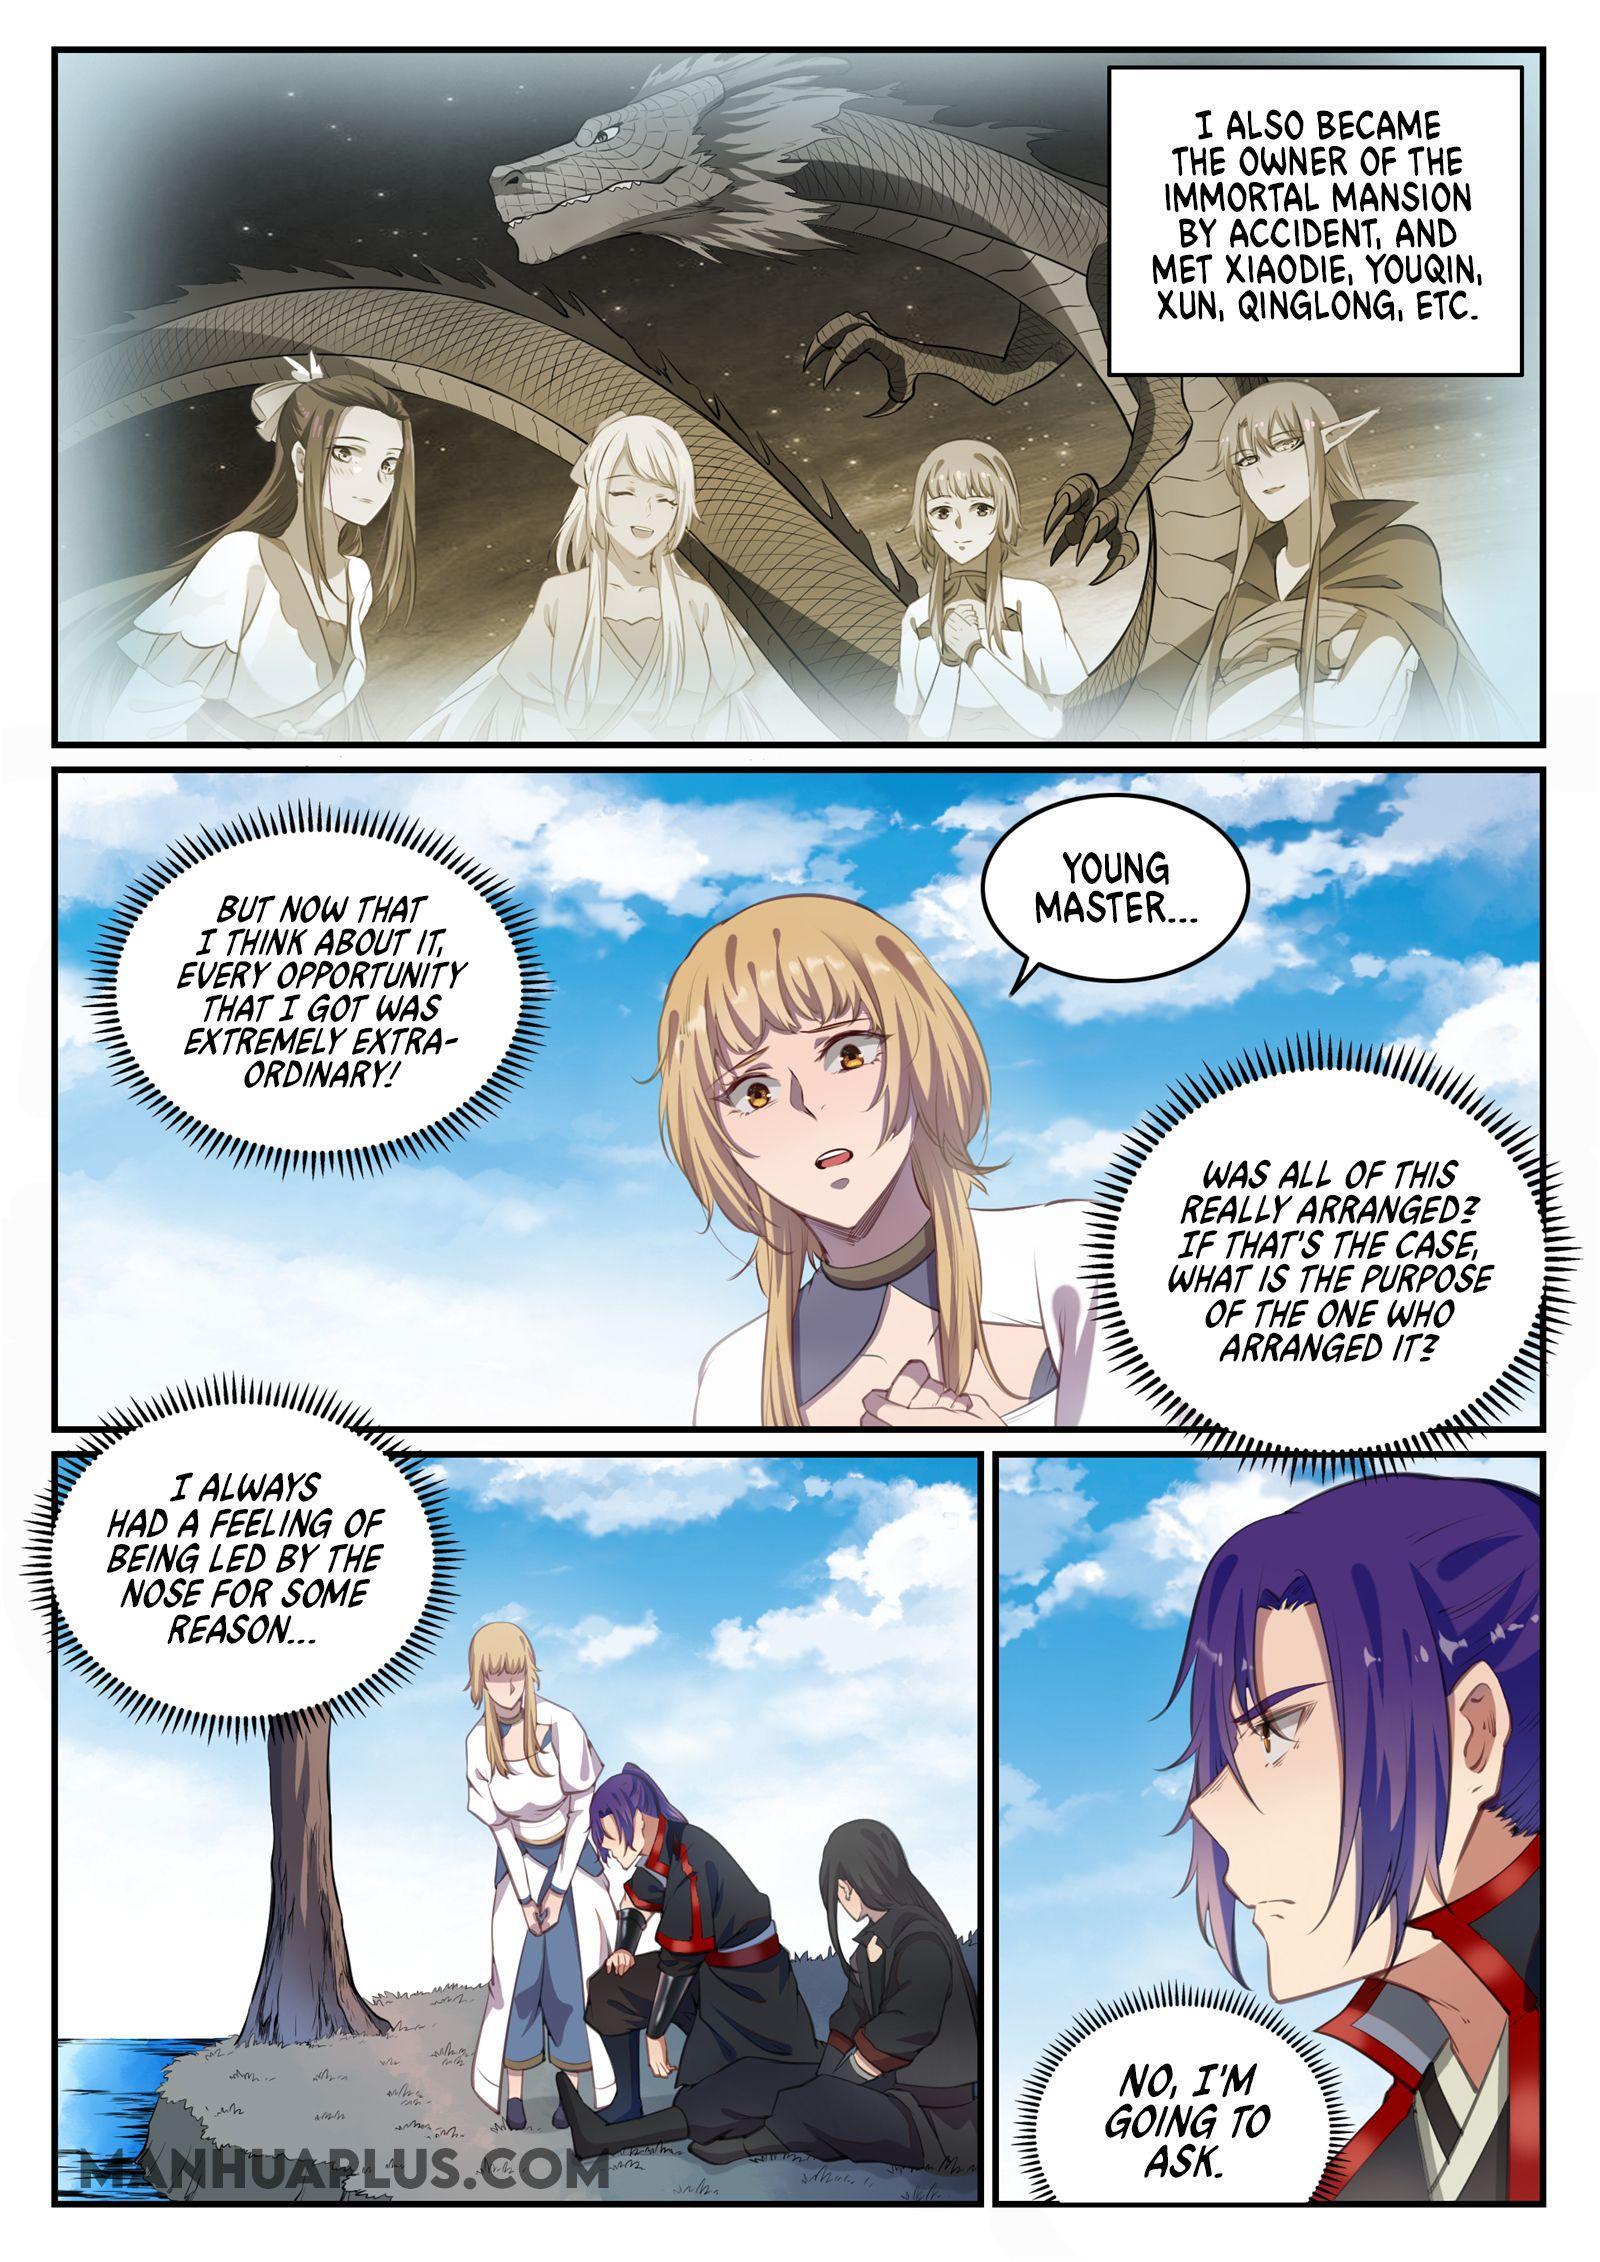 Apotheosis Chapter 701 page 11 - Mangakakalots.com